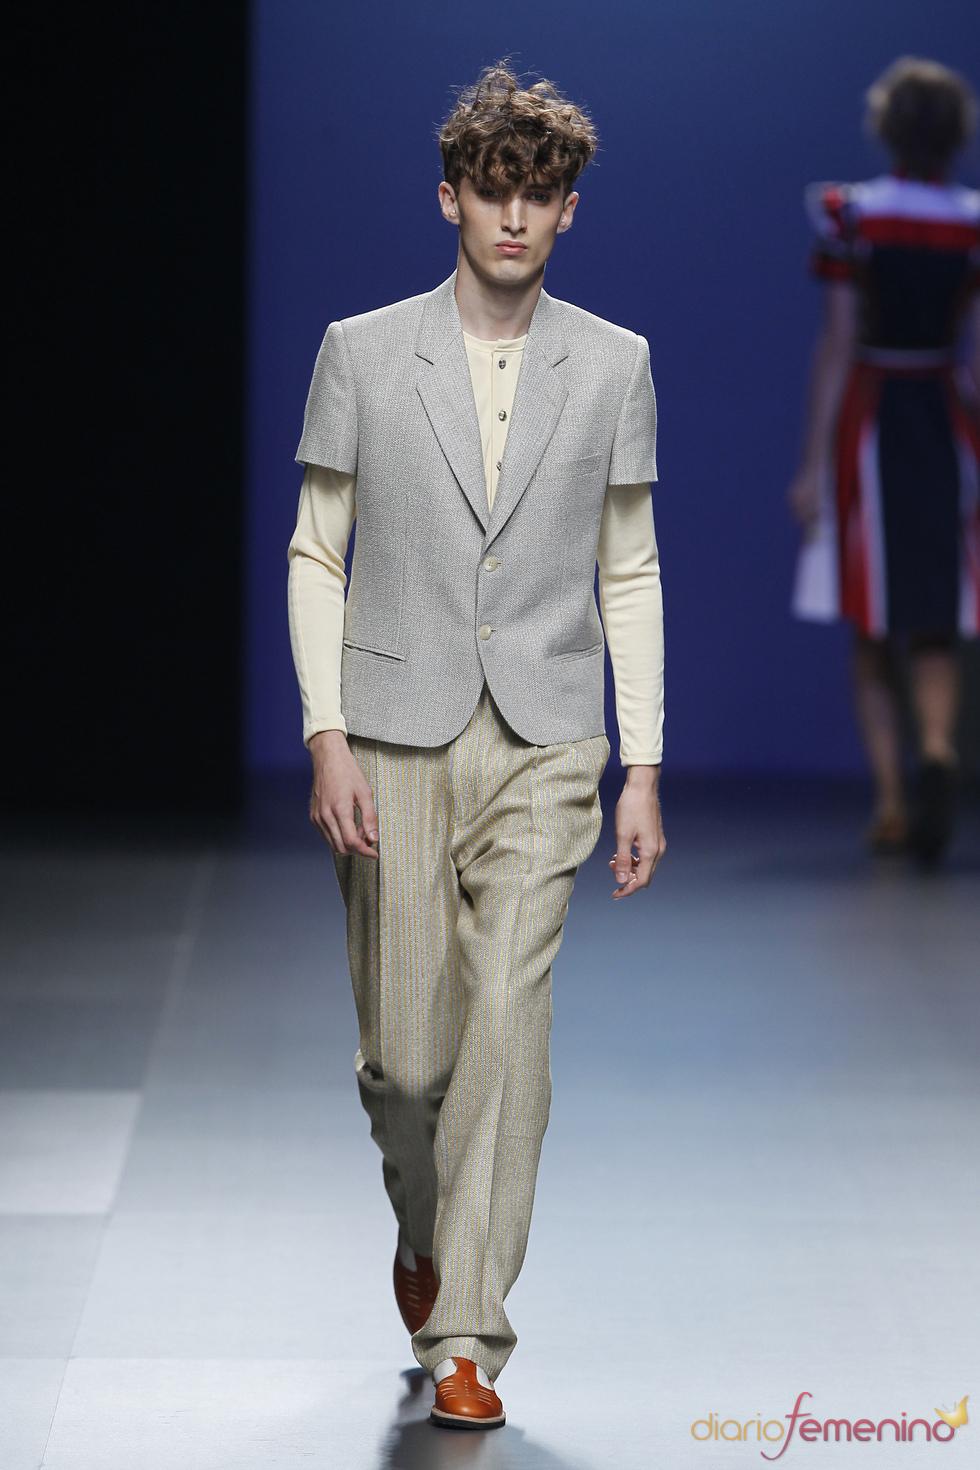 Moda hombre casual para la primavera verano de 2011